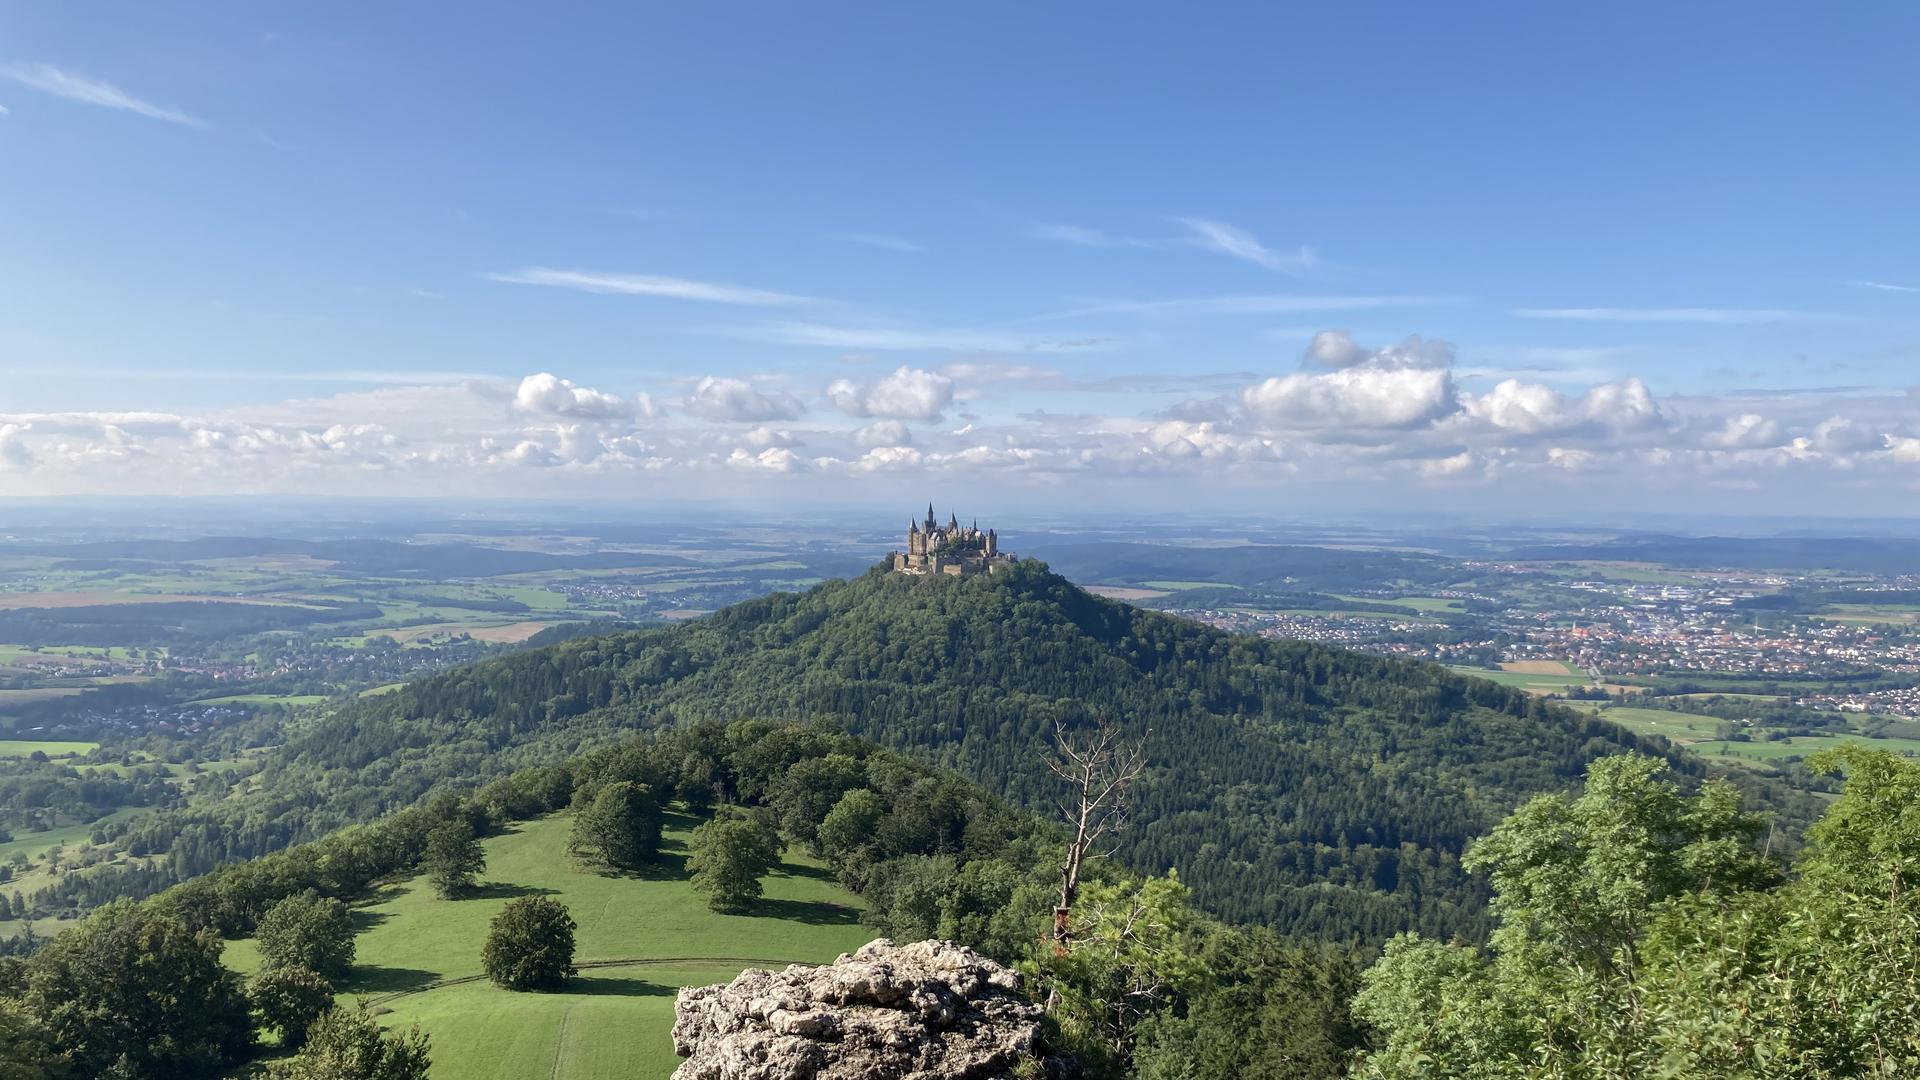 Burg auf einem Berg